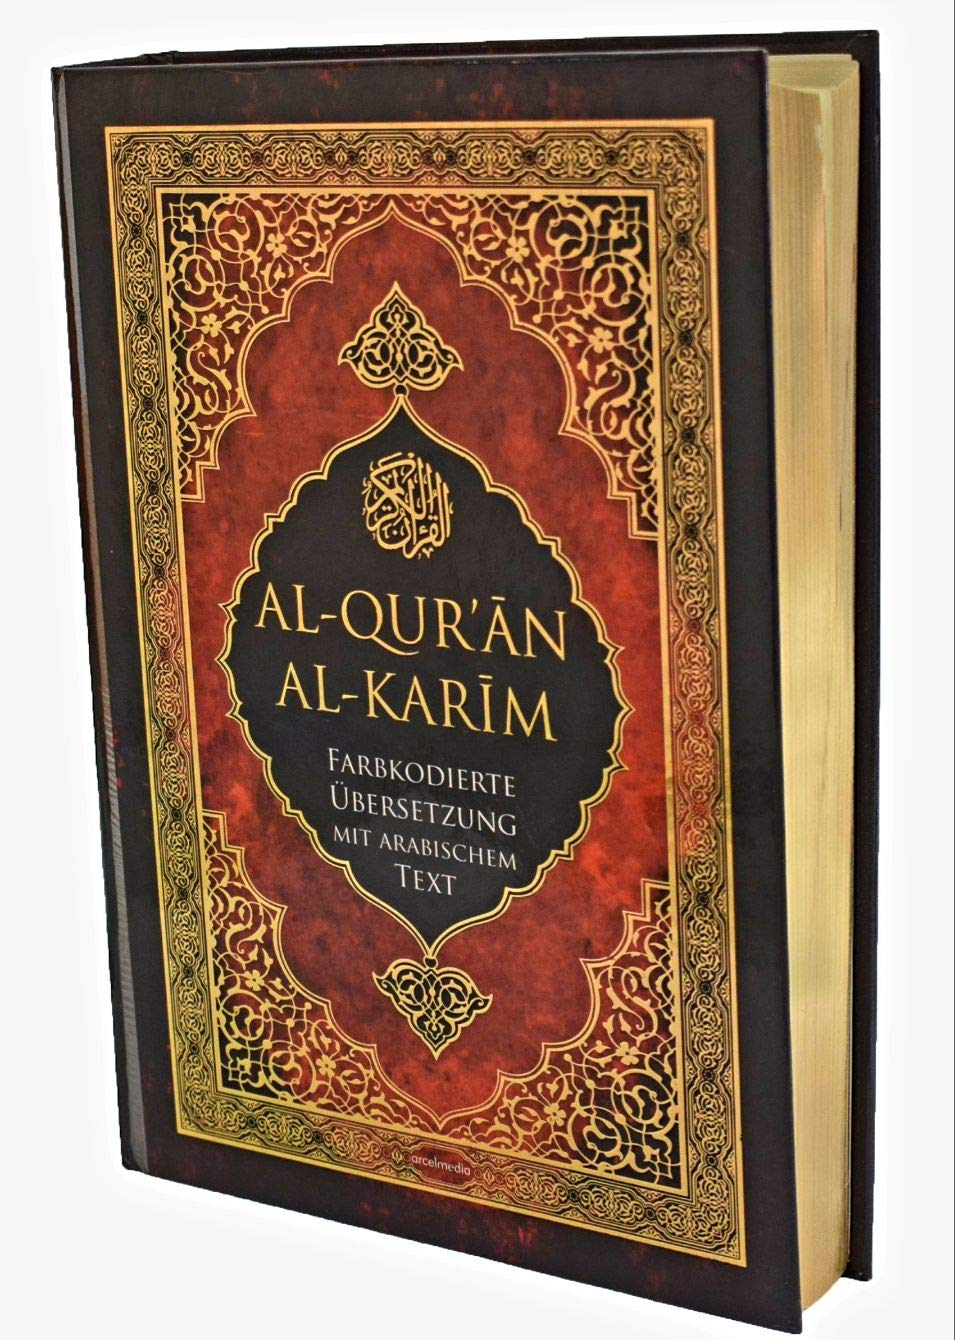 Aus über zitate geduld koran dem Islam sprüche